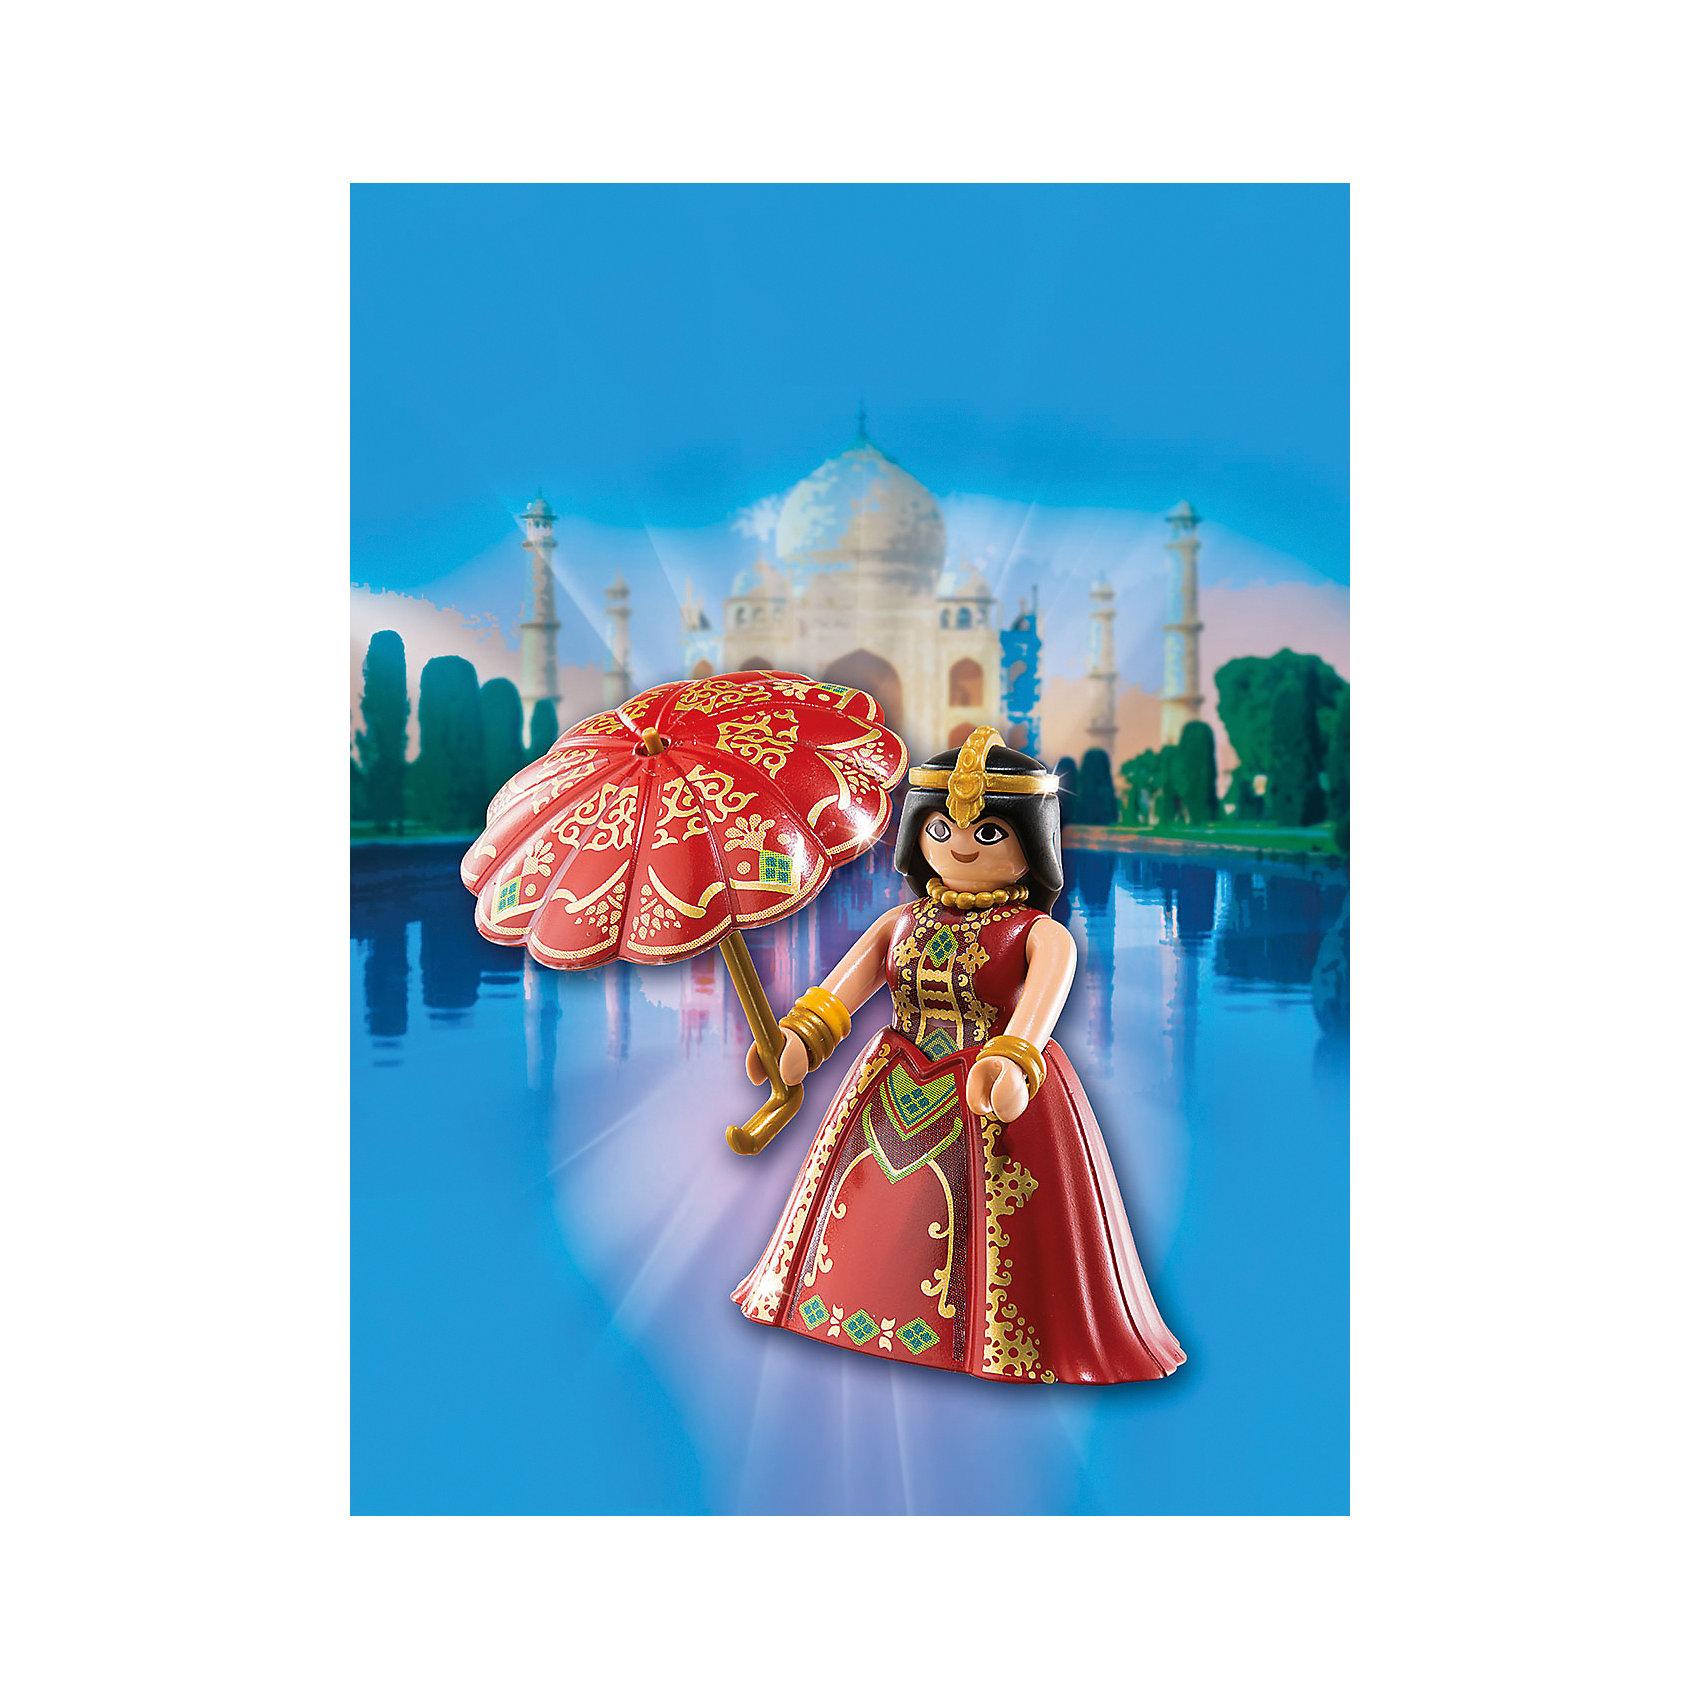 Друзья: Индийская принцесса, PLAYMOBILПластмассовые конструкторы<br>В  этом наборе представлена фигурка утонченной индийской принцессы. Все детали набора прекрасно проработаны, выполнены из высококачественного пластика безопасного для детей. <br><br>Дополнительная информация:<br><br>- Комплектация: фигурка, зонтик.<br>- Материал: пластик.<br>- Размер упаковки: 16х12х3 см.<br>- Высота фигурки: 7,5 см. <br>- Голова, руки, ноги у фигурки подвижные.<br><br>Набор Друзья: Индийская принцесса, PLAYMOBIL (Плеймобил),  можно купить в нашем магазине.<br><br>Ширина мм: 157<br>Глубина мм: 121<br>Высота мм: 55<br>Вес г: 46<br>Возраст от месяцев: 48<br>Возраст до месяцев: 120<br>Пол: Женский<br>Возраст: Детский<br>SKU: 4260577